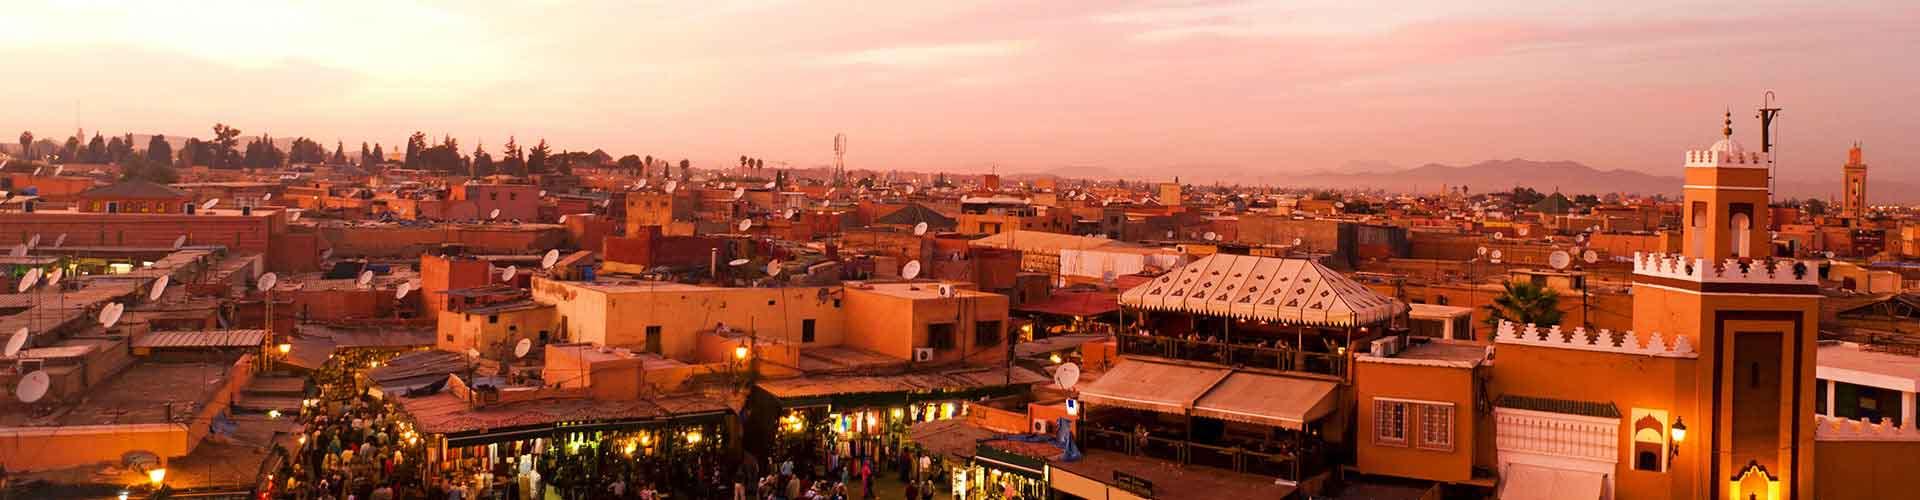 Marrakech - Hoteles baratos en Marrakech. Mapas de Marrakech, Fotos y comentarios de cada Hotel en Marrakech.